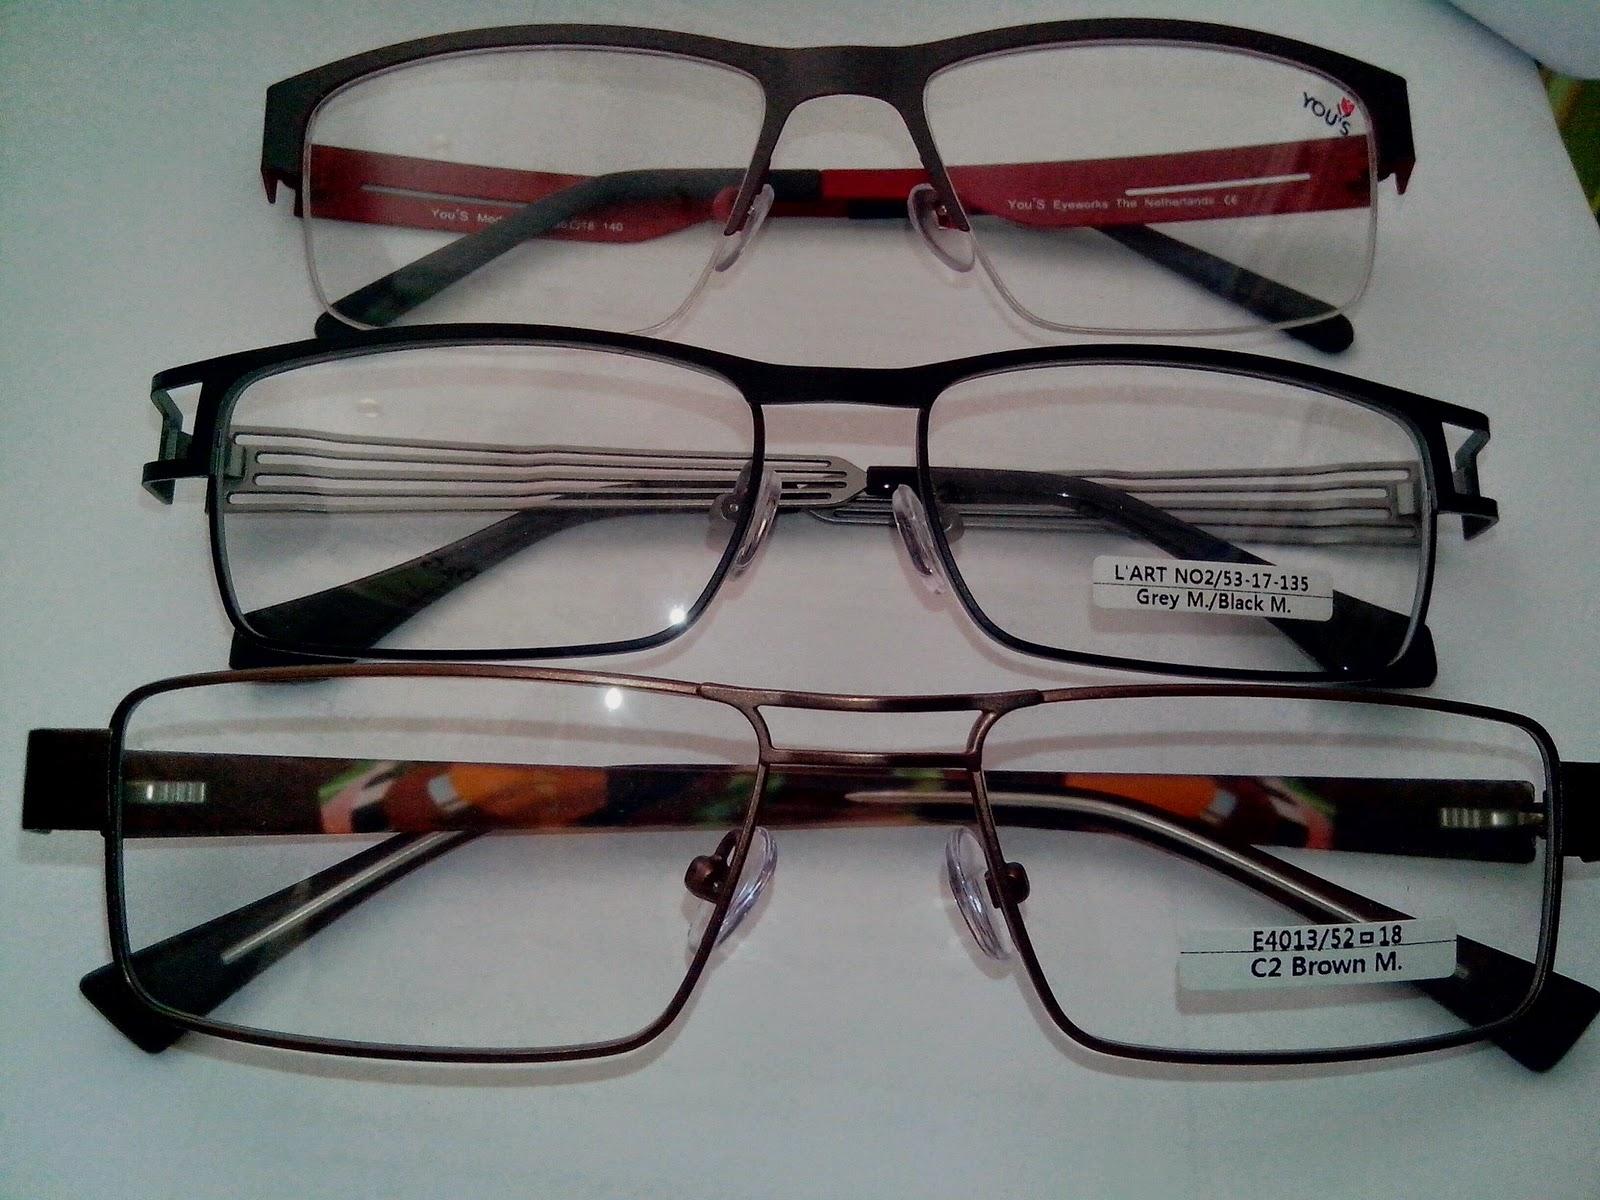 Sunglasses Frames For Thick Lenses : Buy Frames, Sunglasses,Contact lenses : Metal frames thick ...